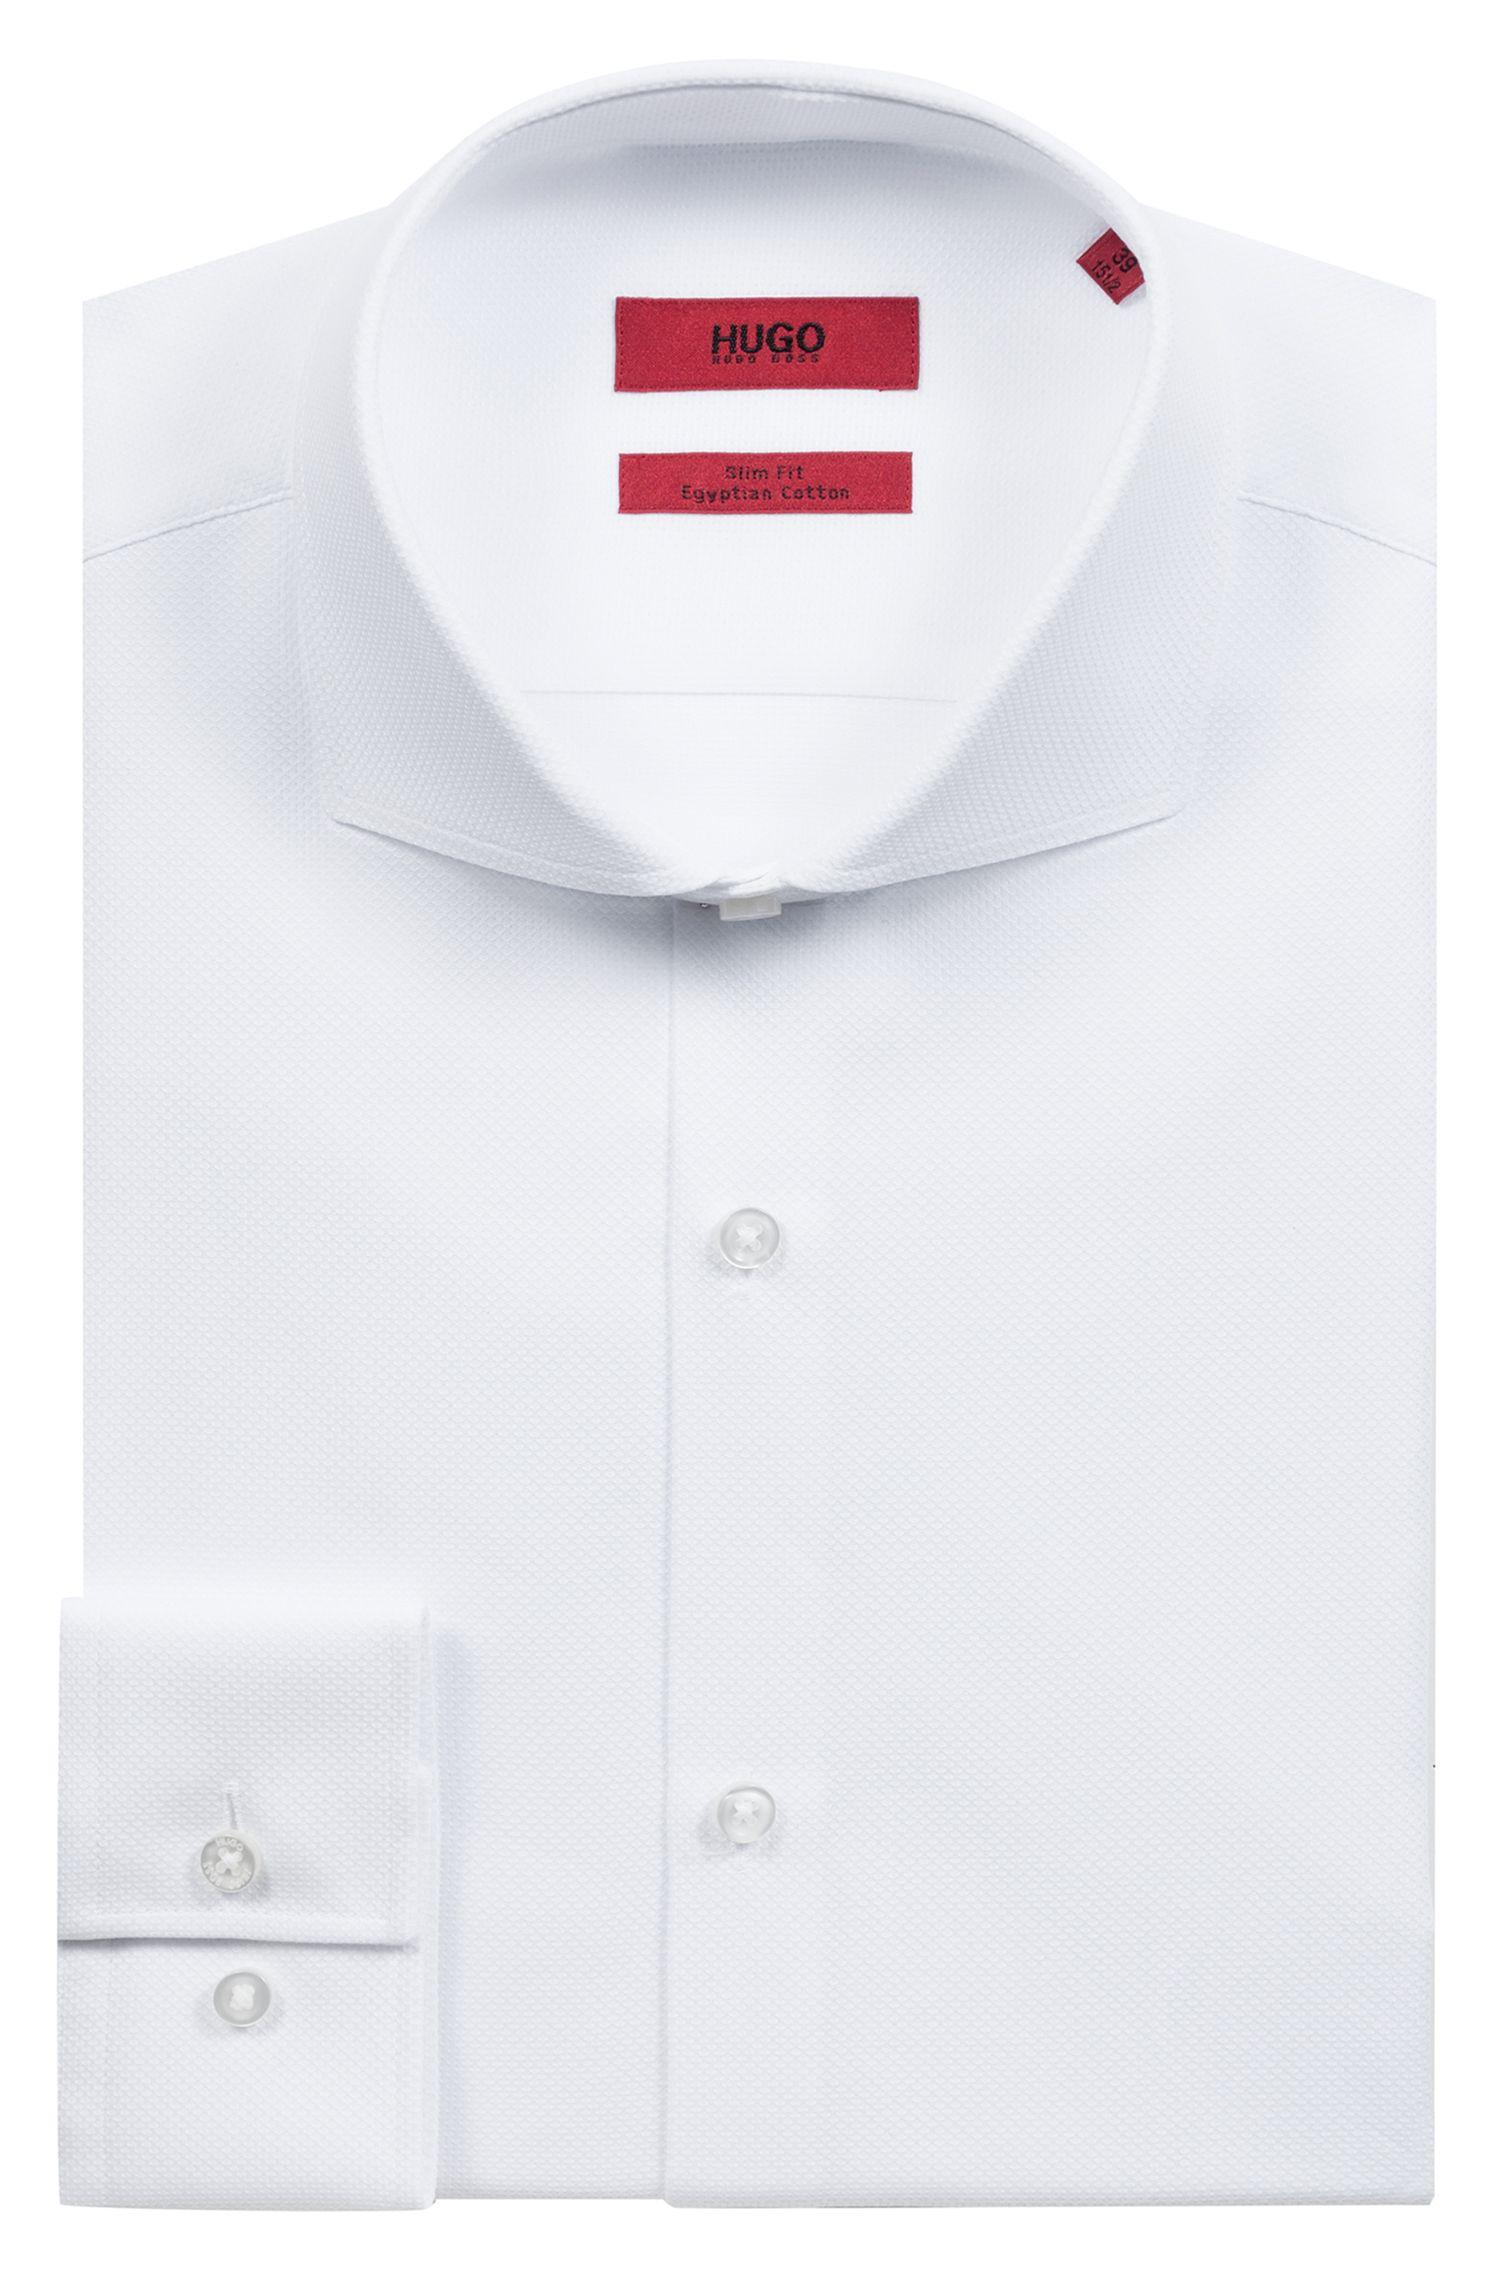 Slim-Fit Hemd aus Baumwolle mit Cutaway-Kragen, Weiß